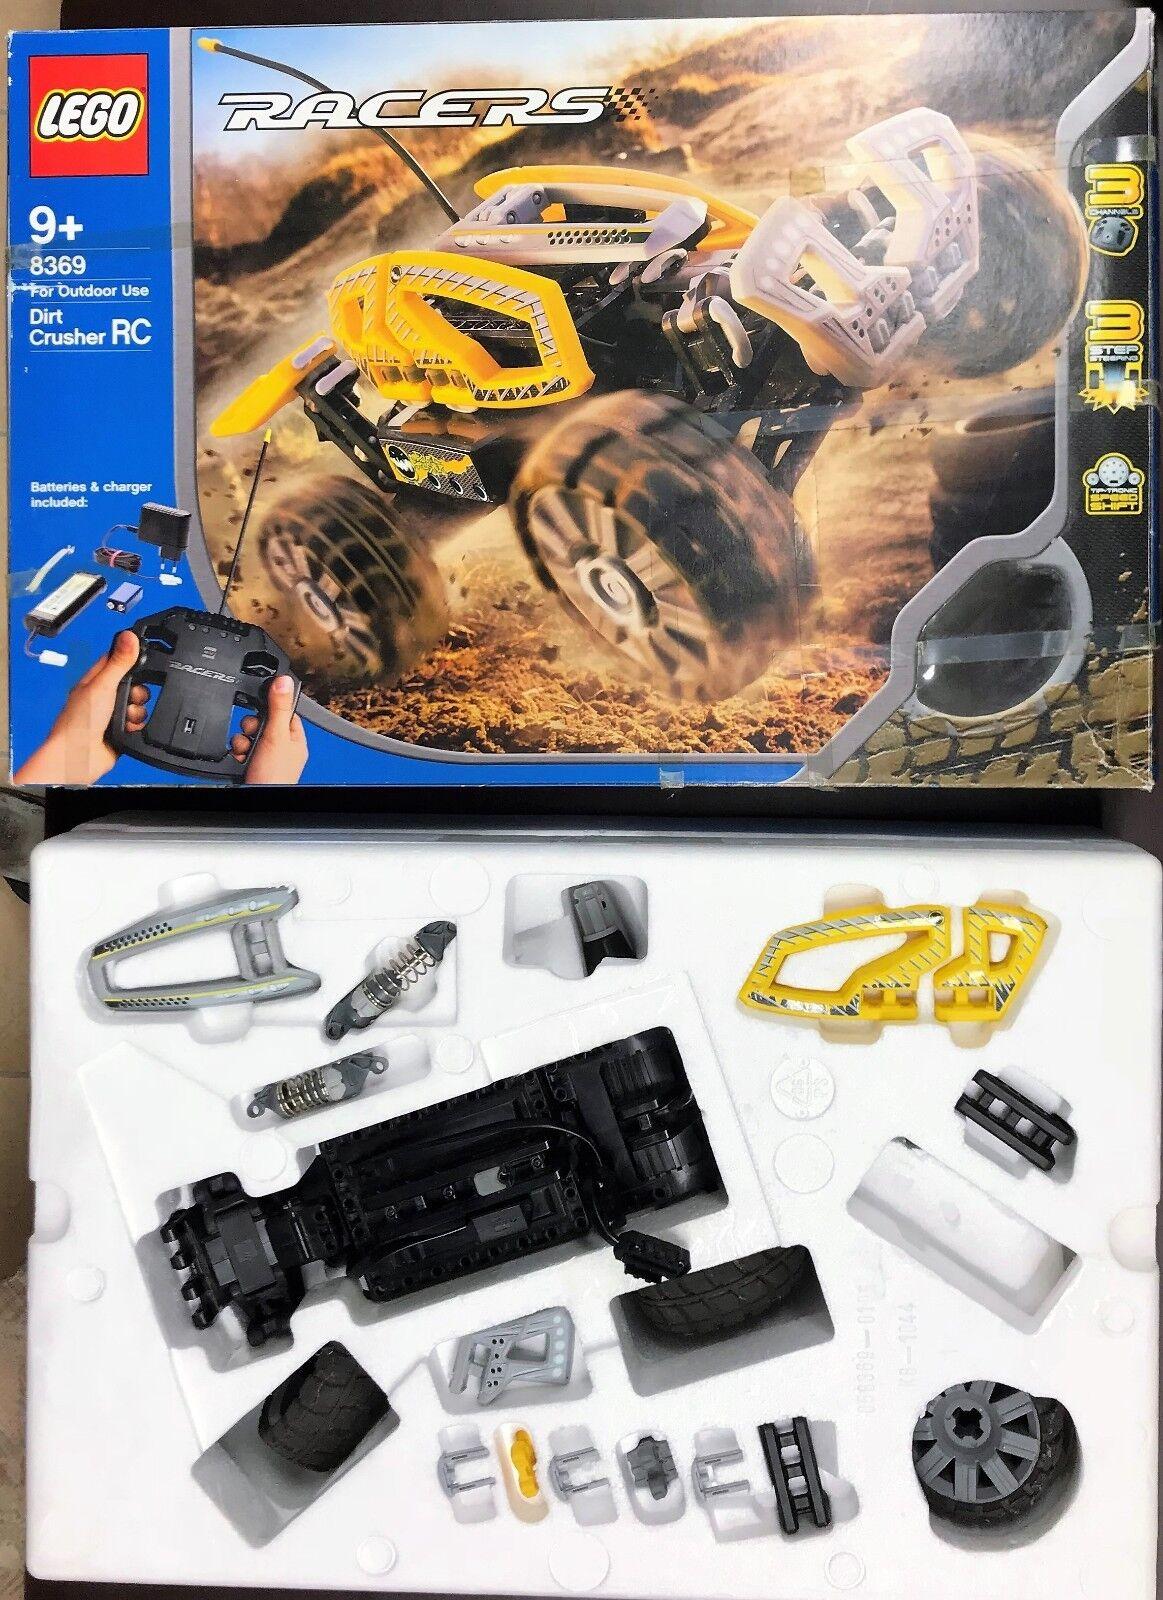 LEGO Racers Dirt Crusher RC (8369) Ferngesteuert mit OVP und Anleitung    RAR